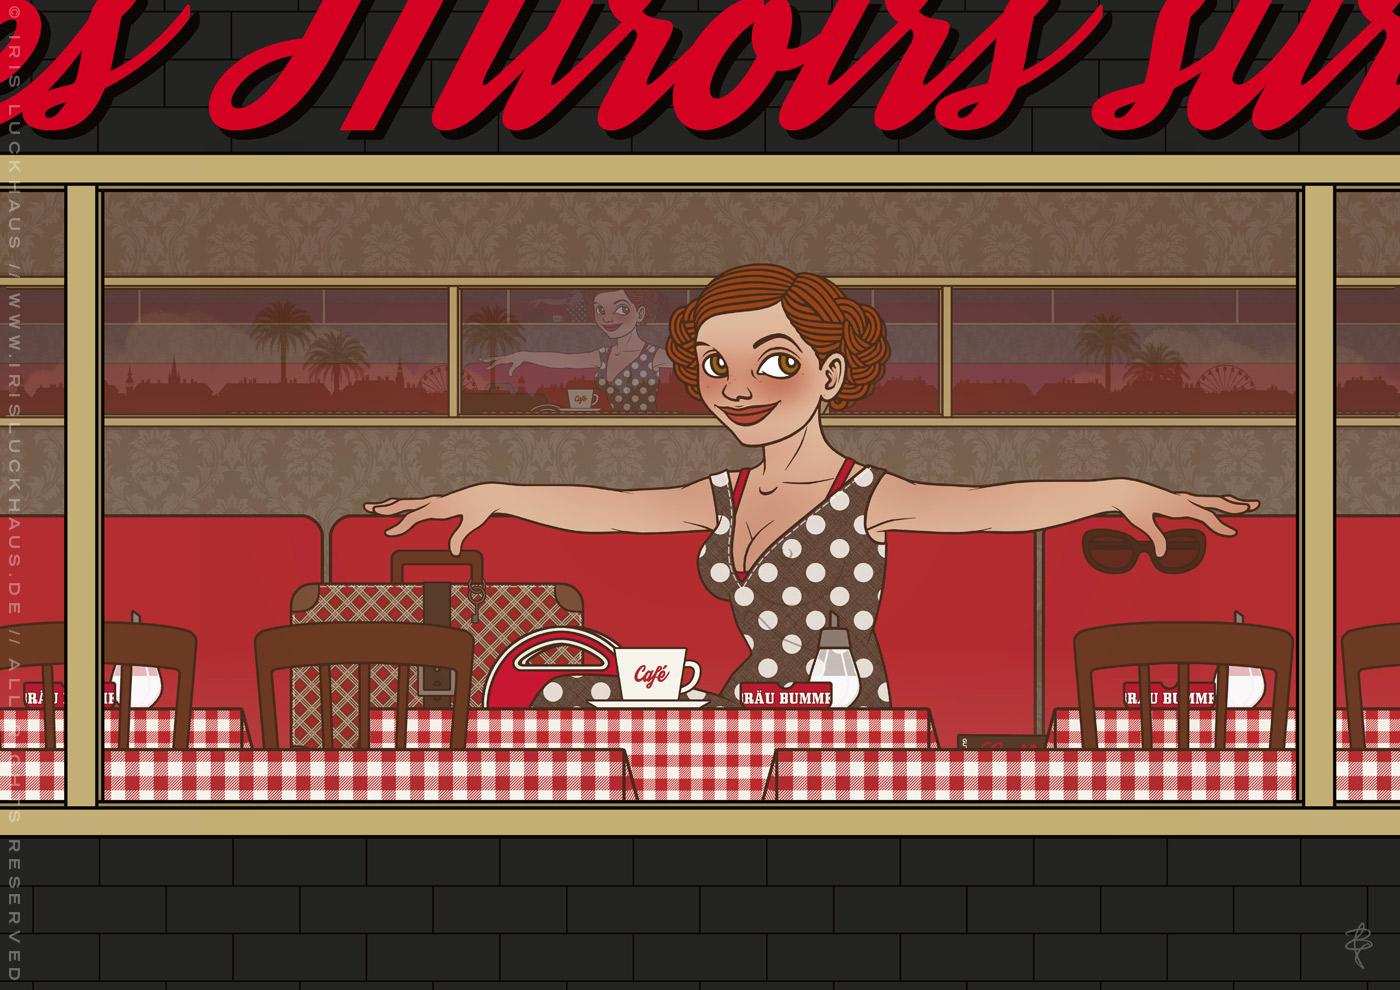 Freie Arbeit Lola im Cafe, mit einem Mädchen, das an einem Sommerabend in einer Brasserie oder einem Bistro auf die Liebe wartet, illustriert im nostalgischen Retro-Look mit Sepia